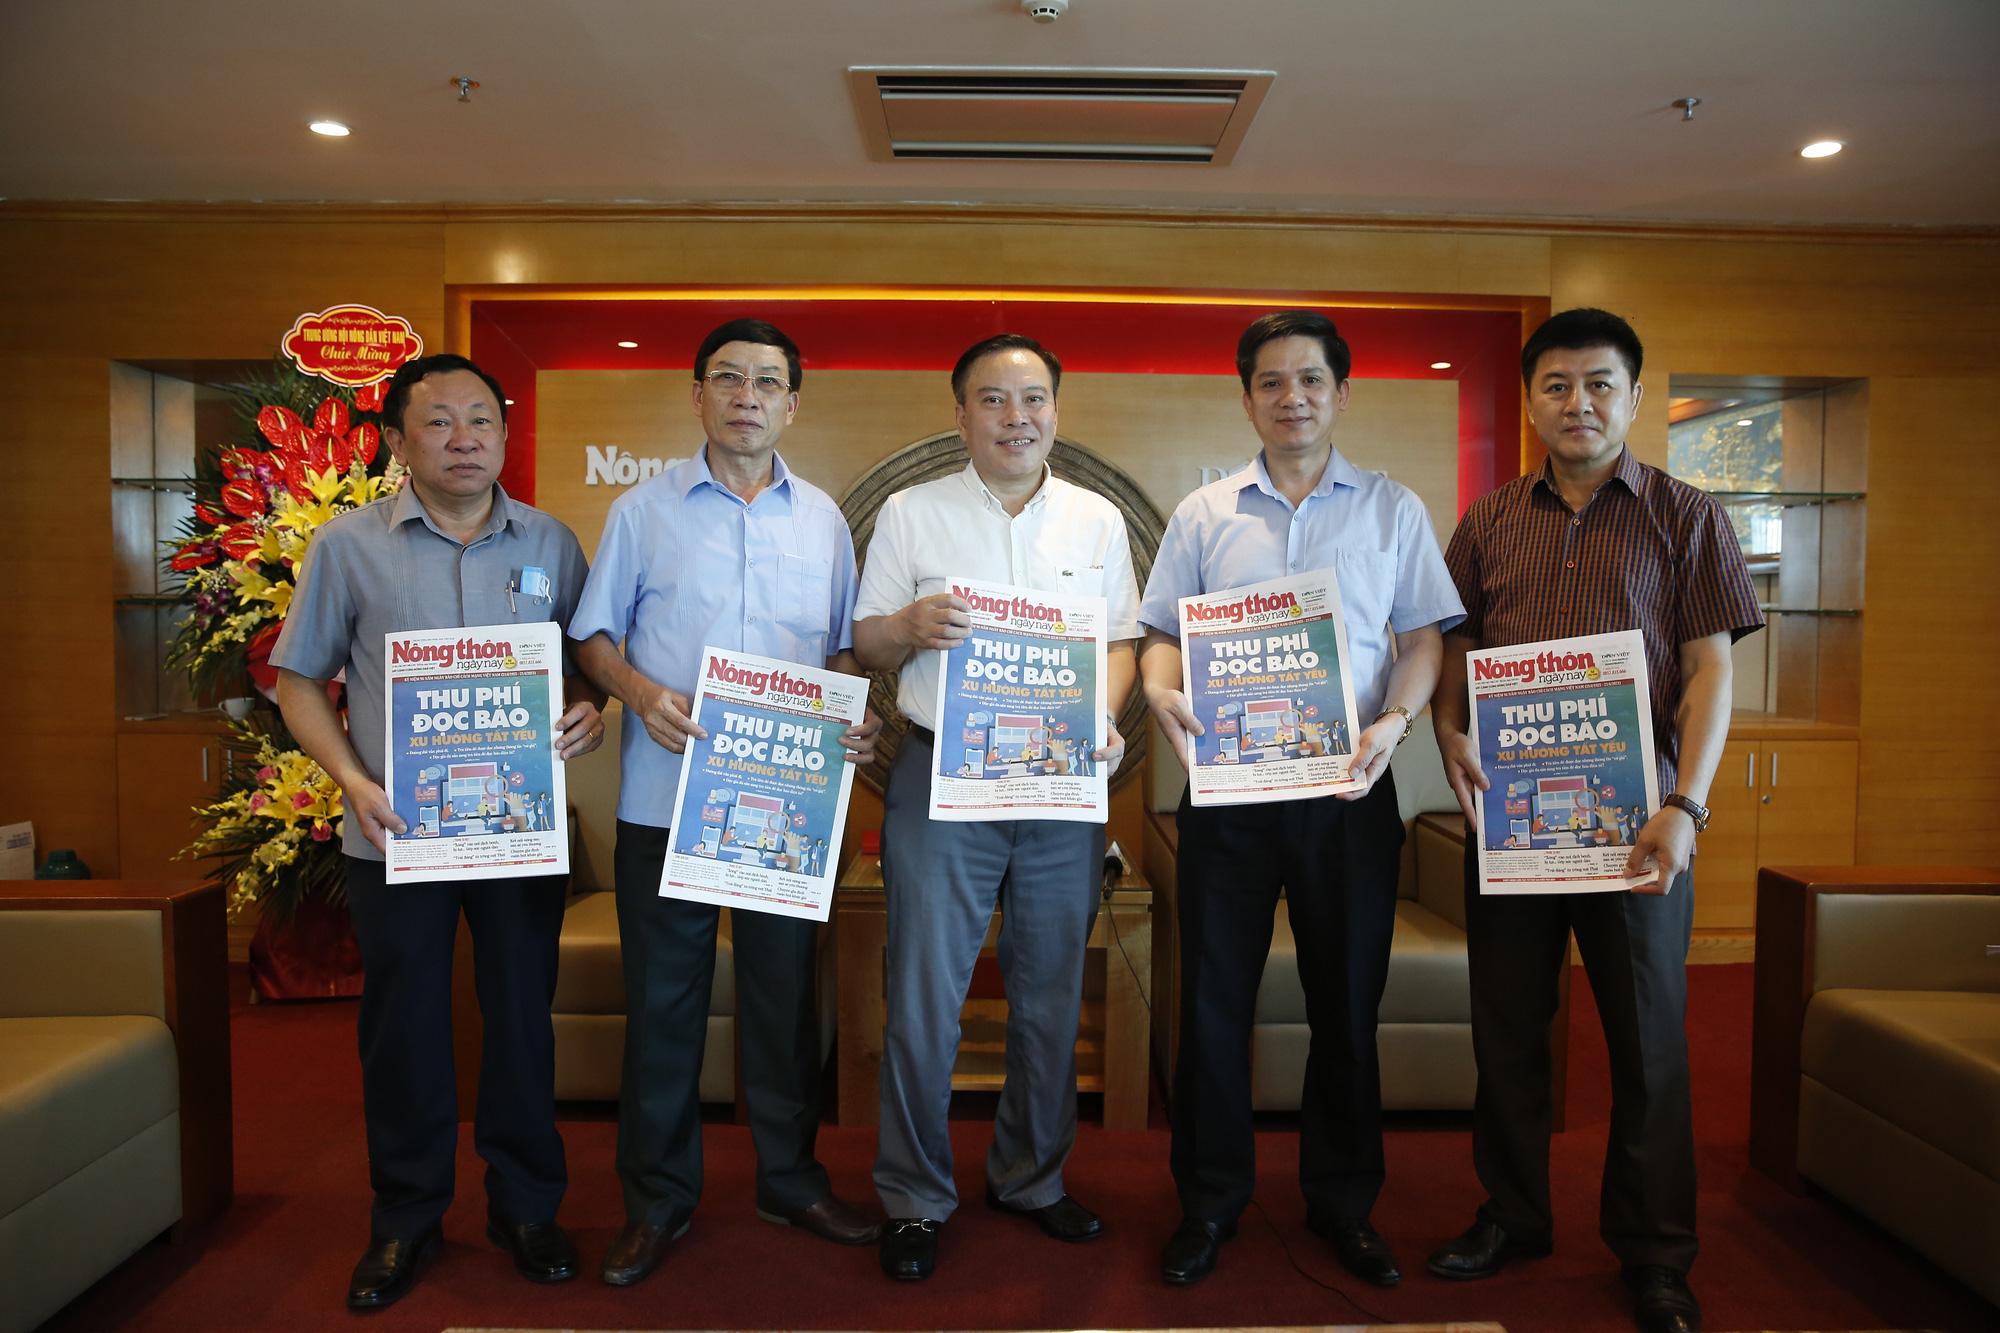 Lãnh đạo Hội Nông dân Việt Nam chúc mừng Báo NTNN/Dân Việt nhân ngày 21/6 - Ảnh 5.